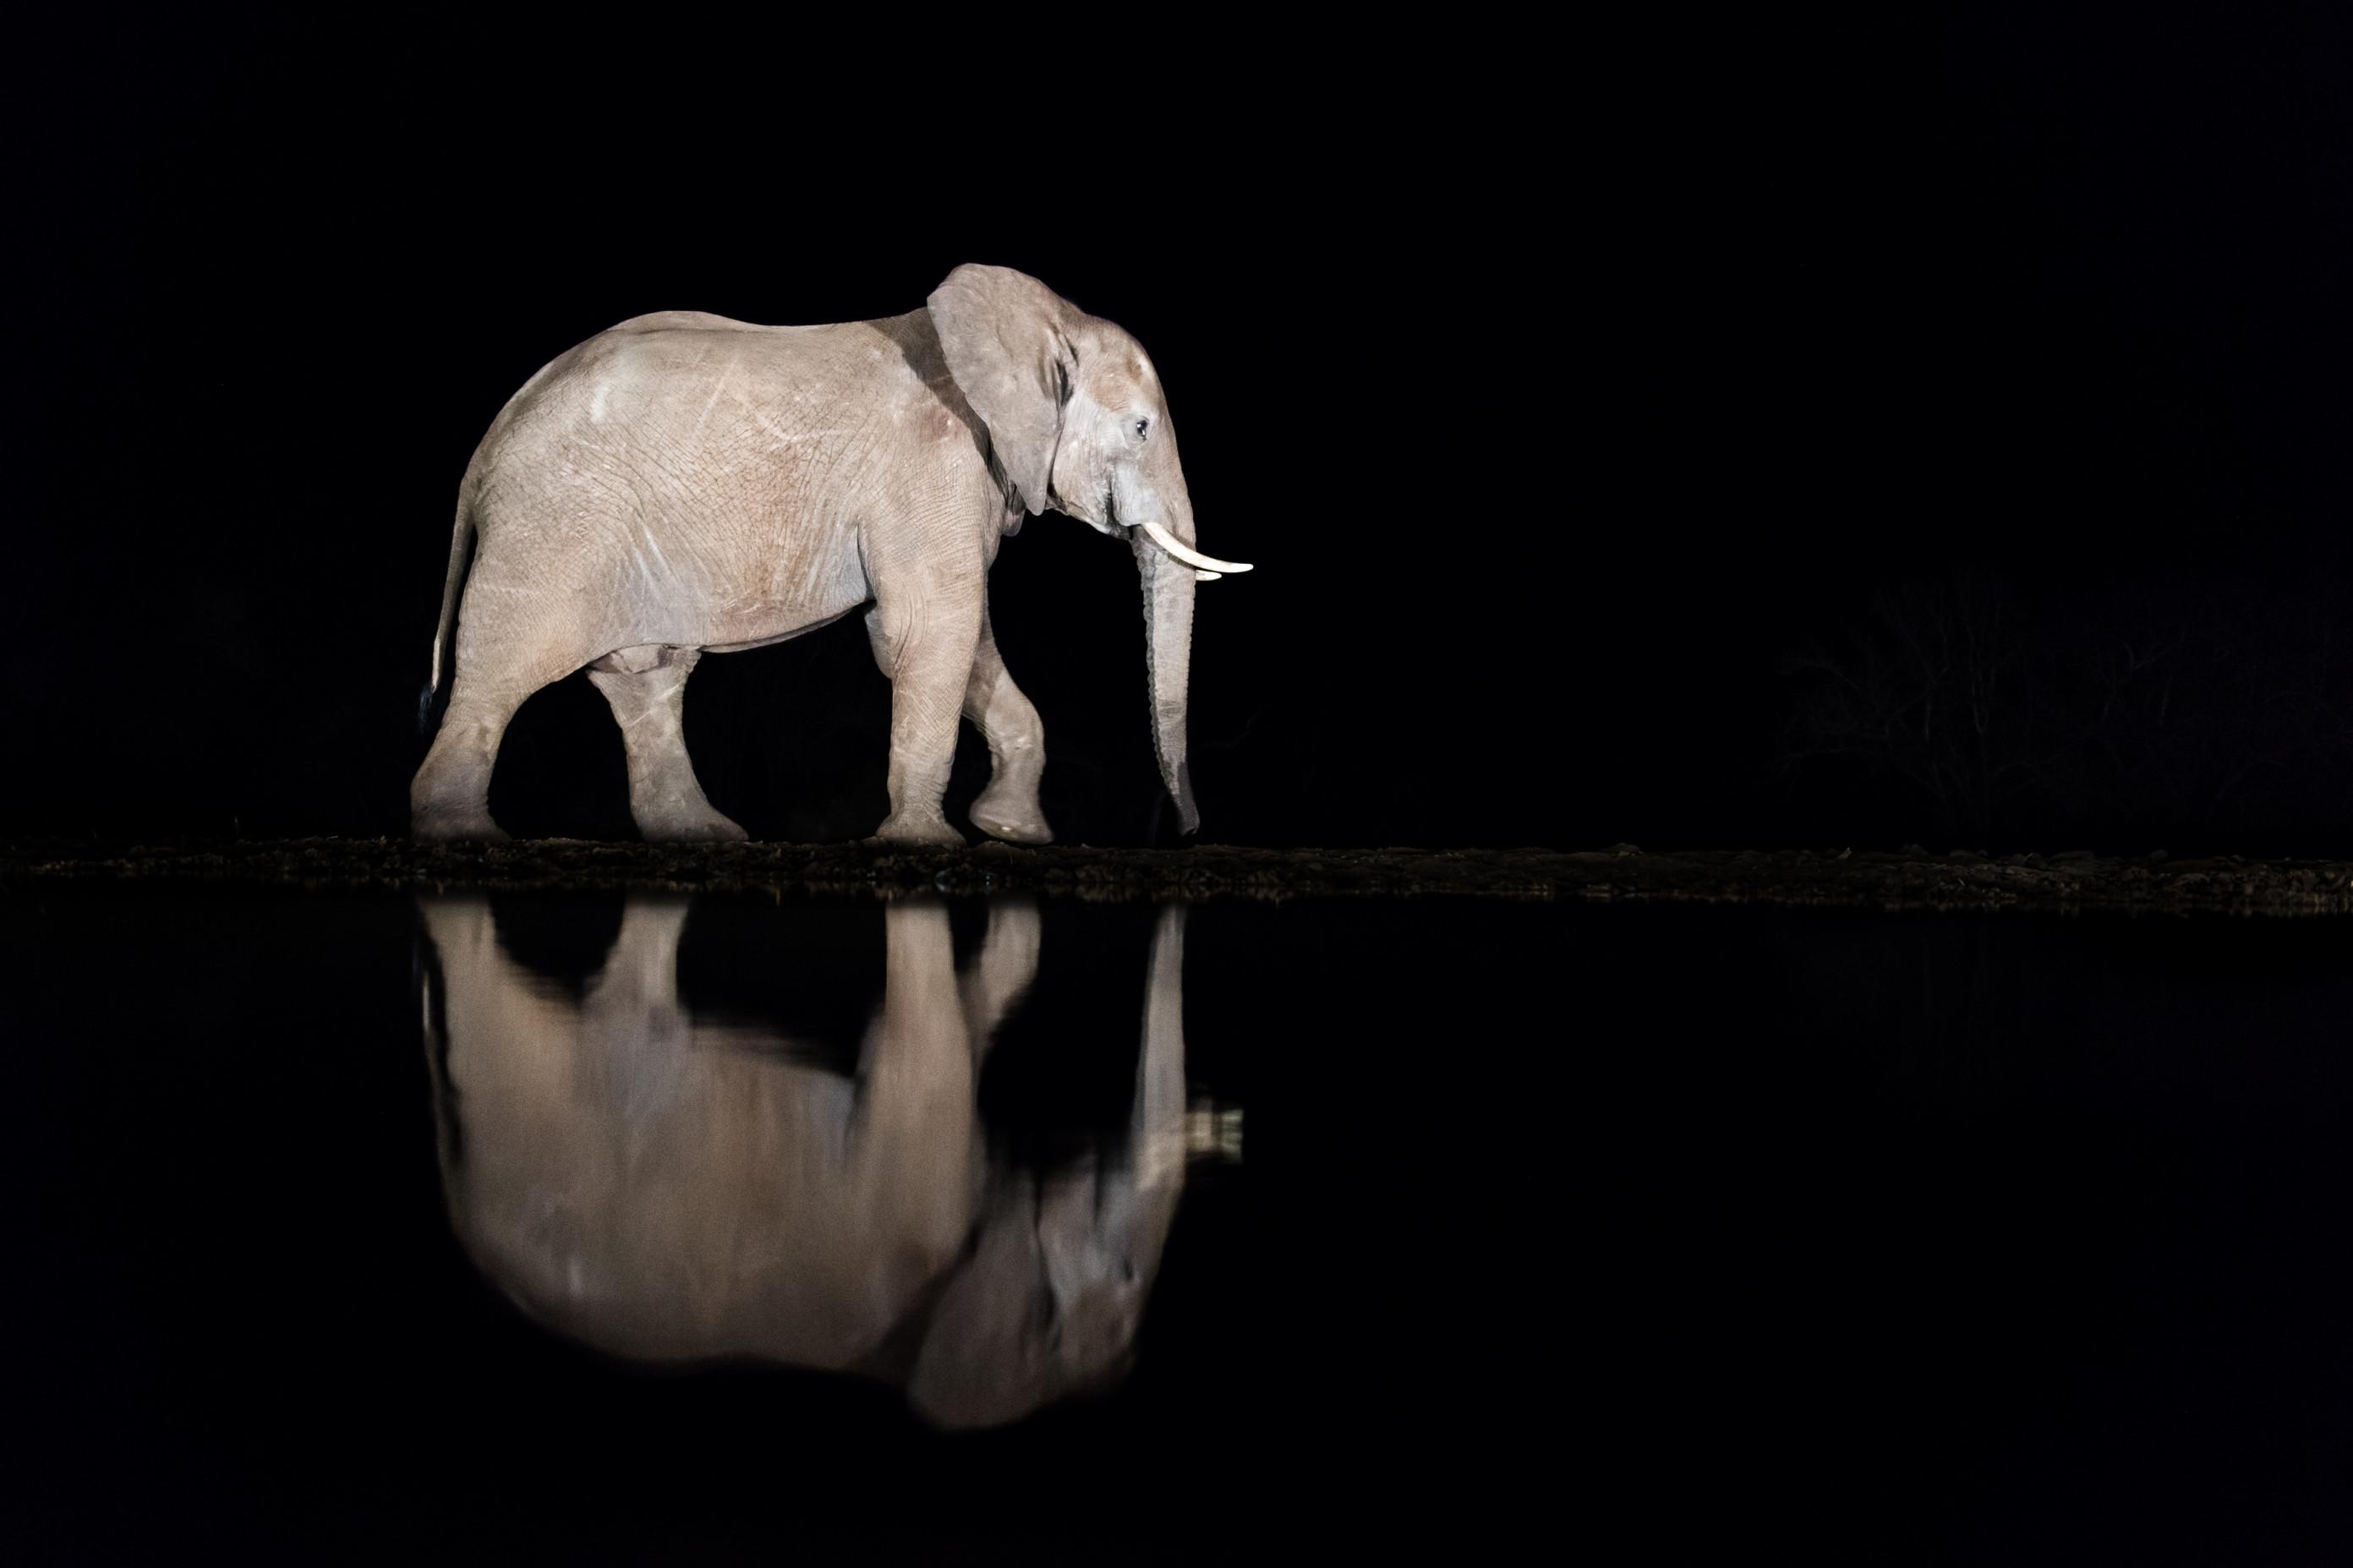 wildlife zimanga 4040